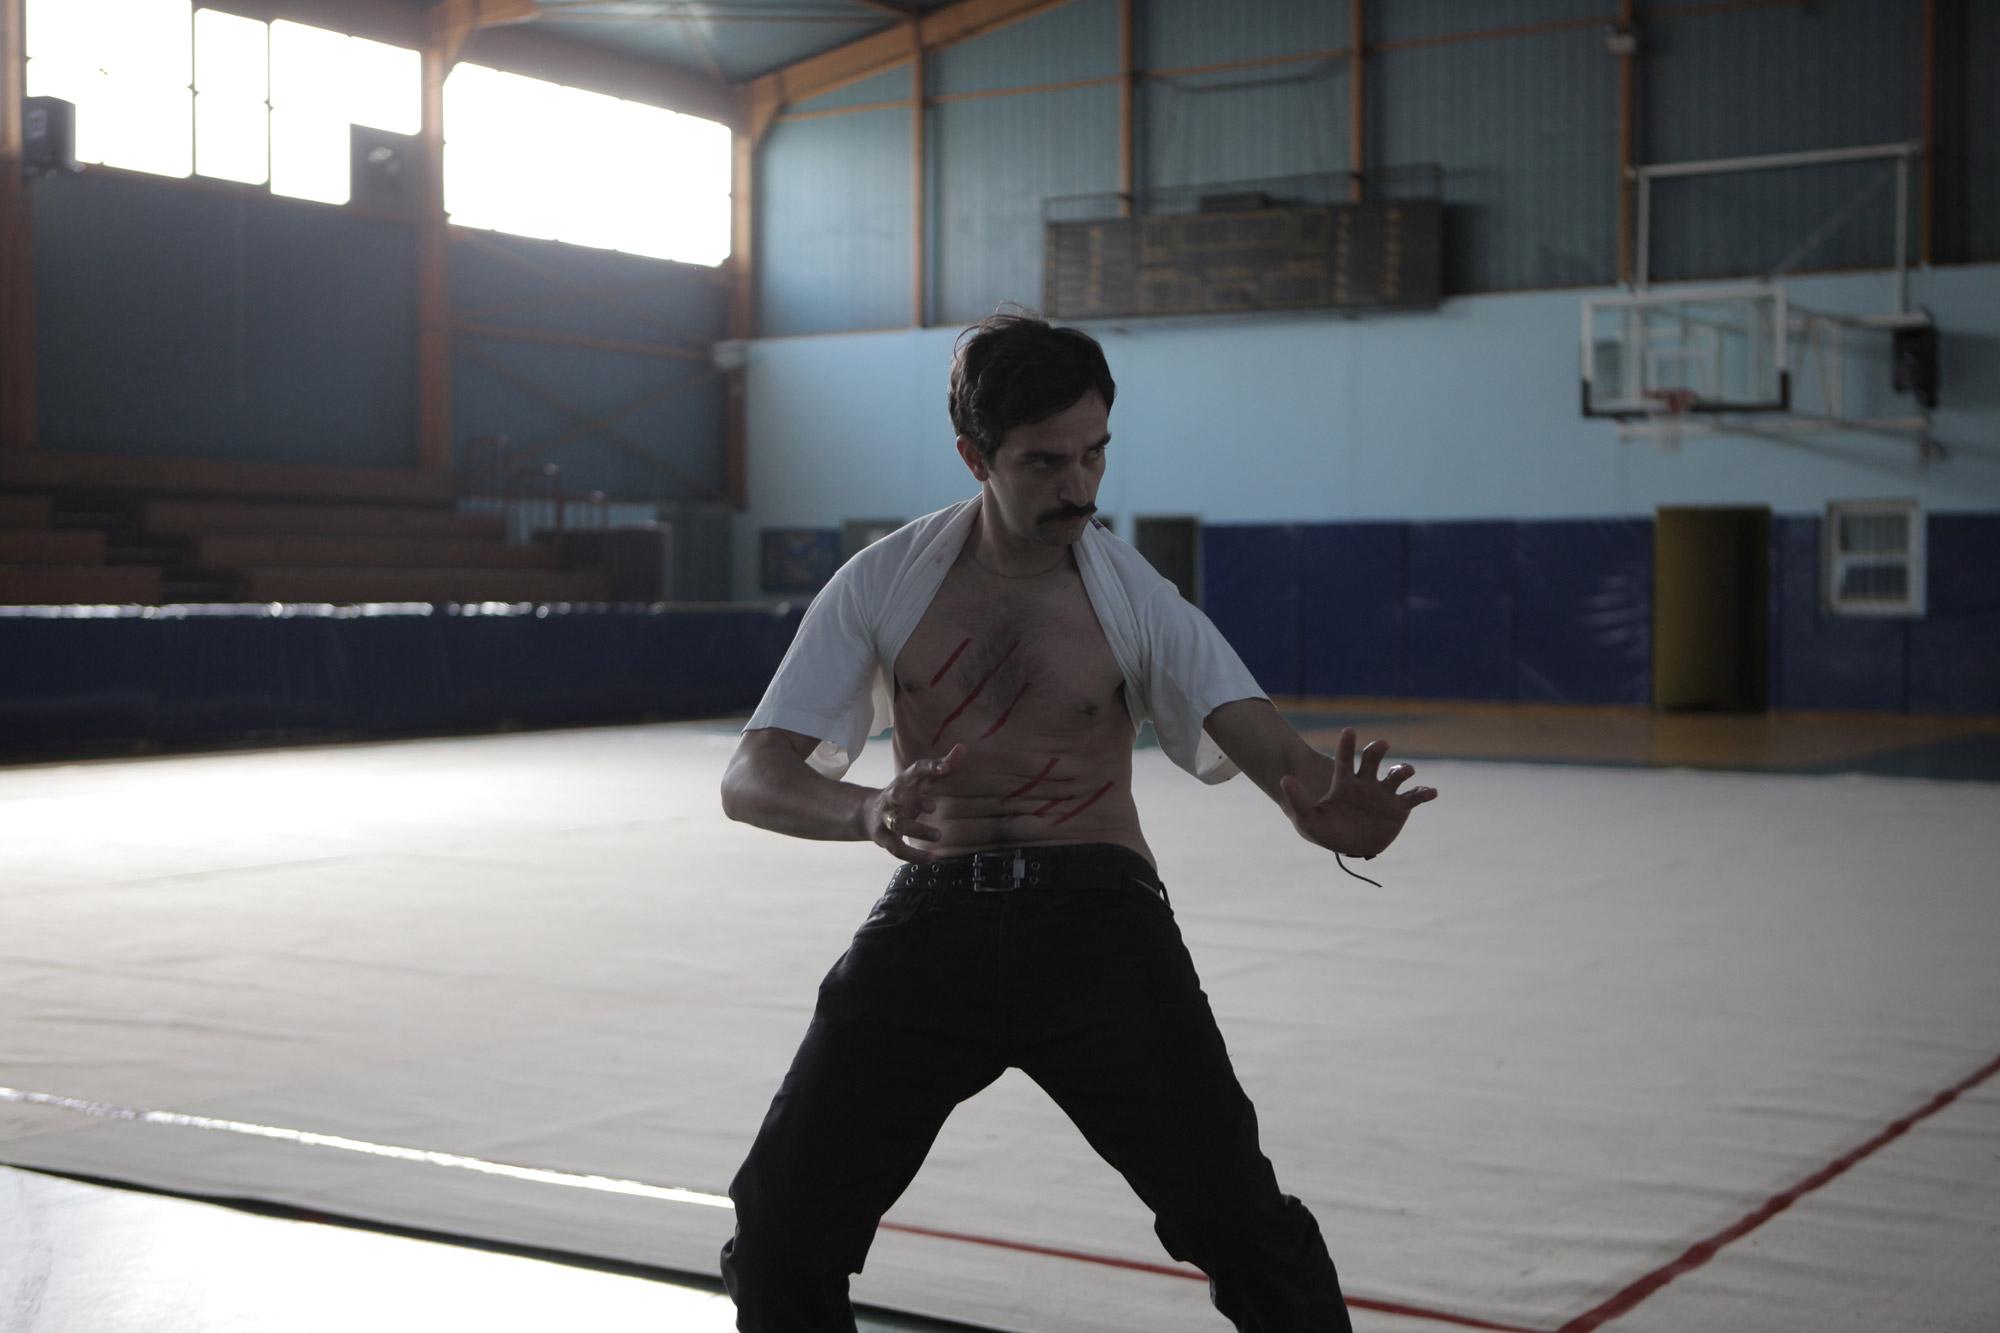 https://i0.wp.com/www.filmofilia.com/wp-content/uploads/2011/08/Yorgos-Lanthimos-Alps-Movie-Photo.jpg